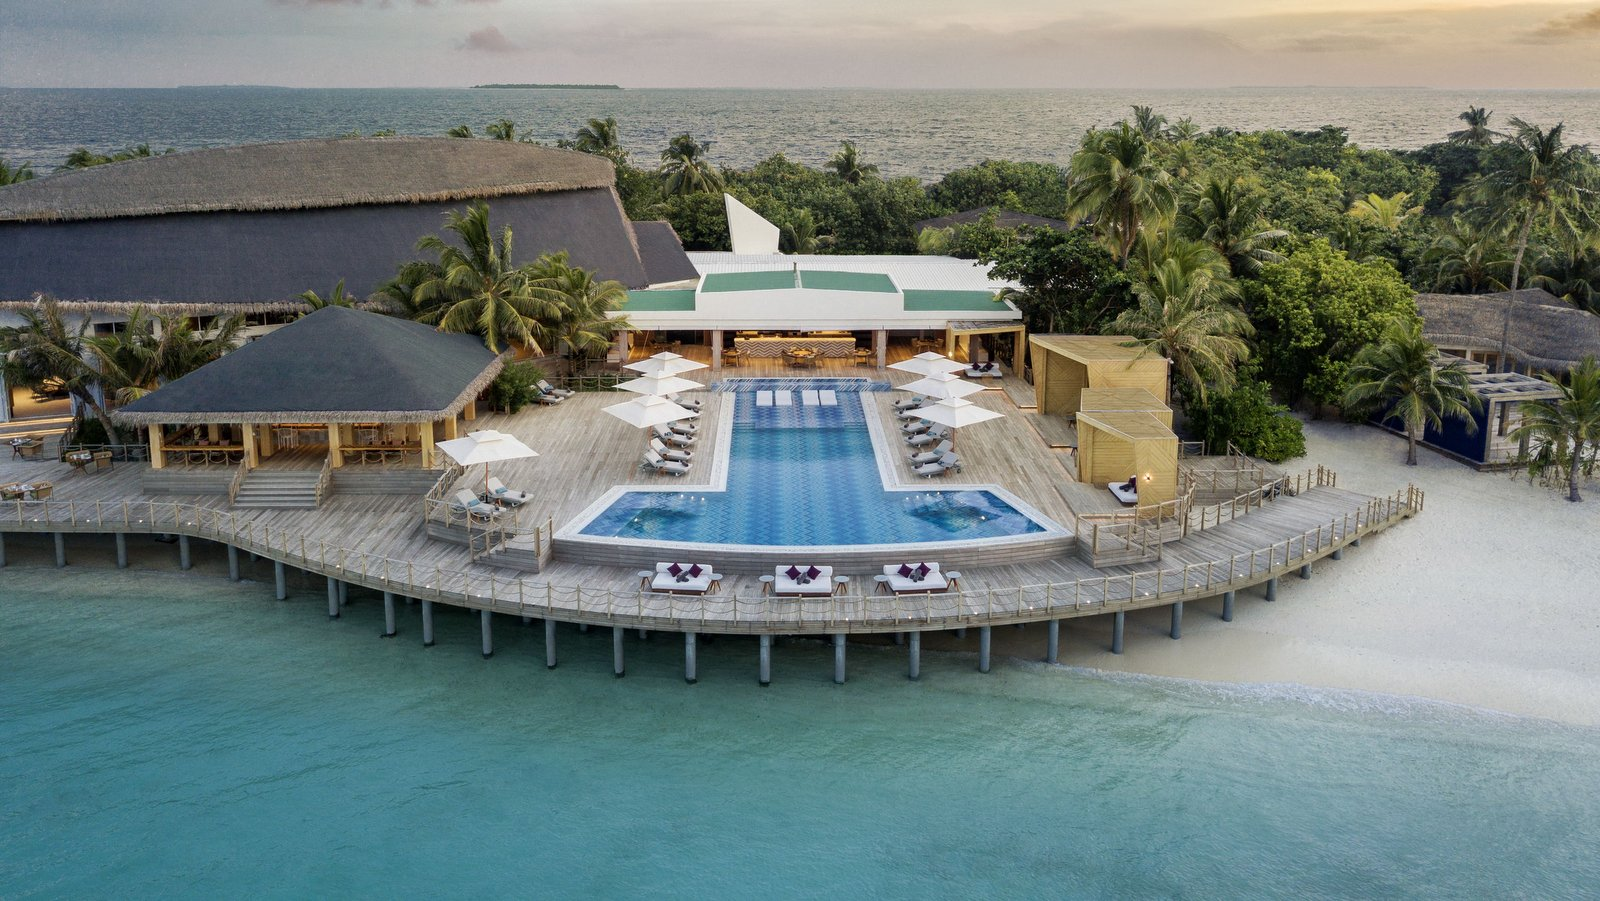 Мальдивы, отель JW Marriott Maldives Resort, бассейн